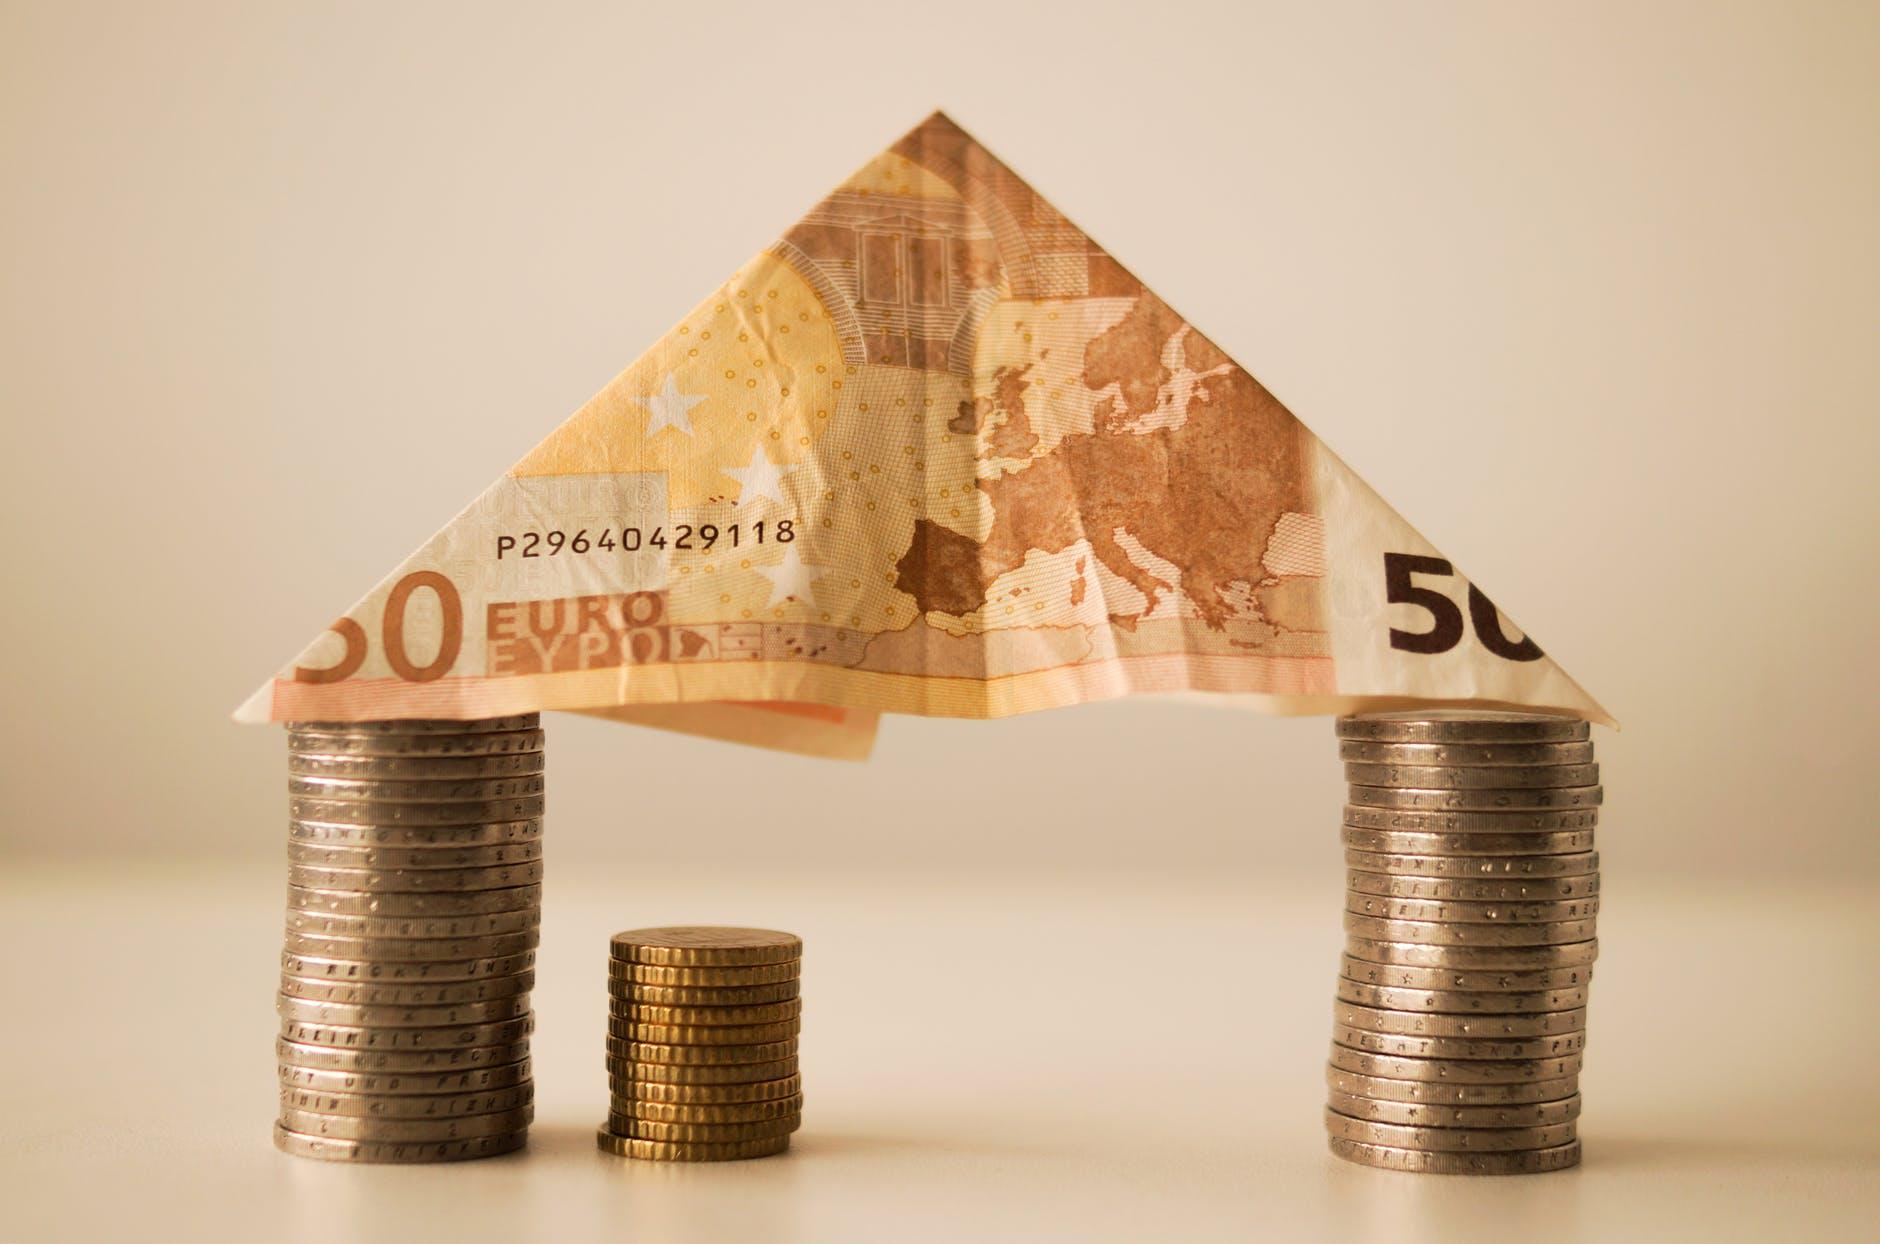 Duurzaam beleggen – zo zorg je dat je geld misschien wel wat oplevert